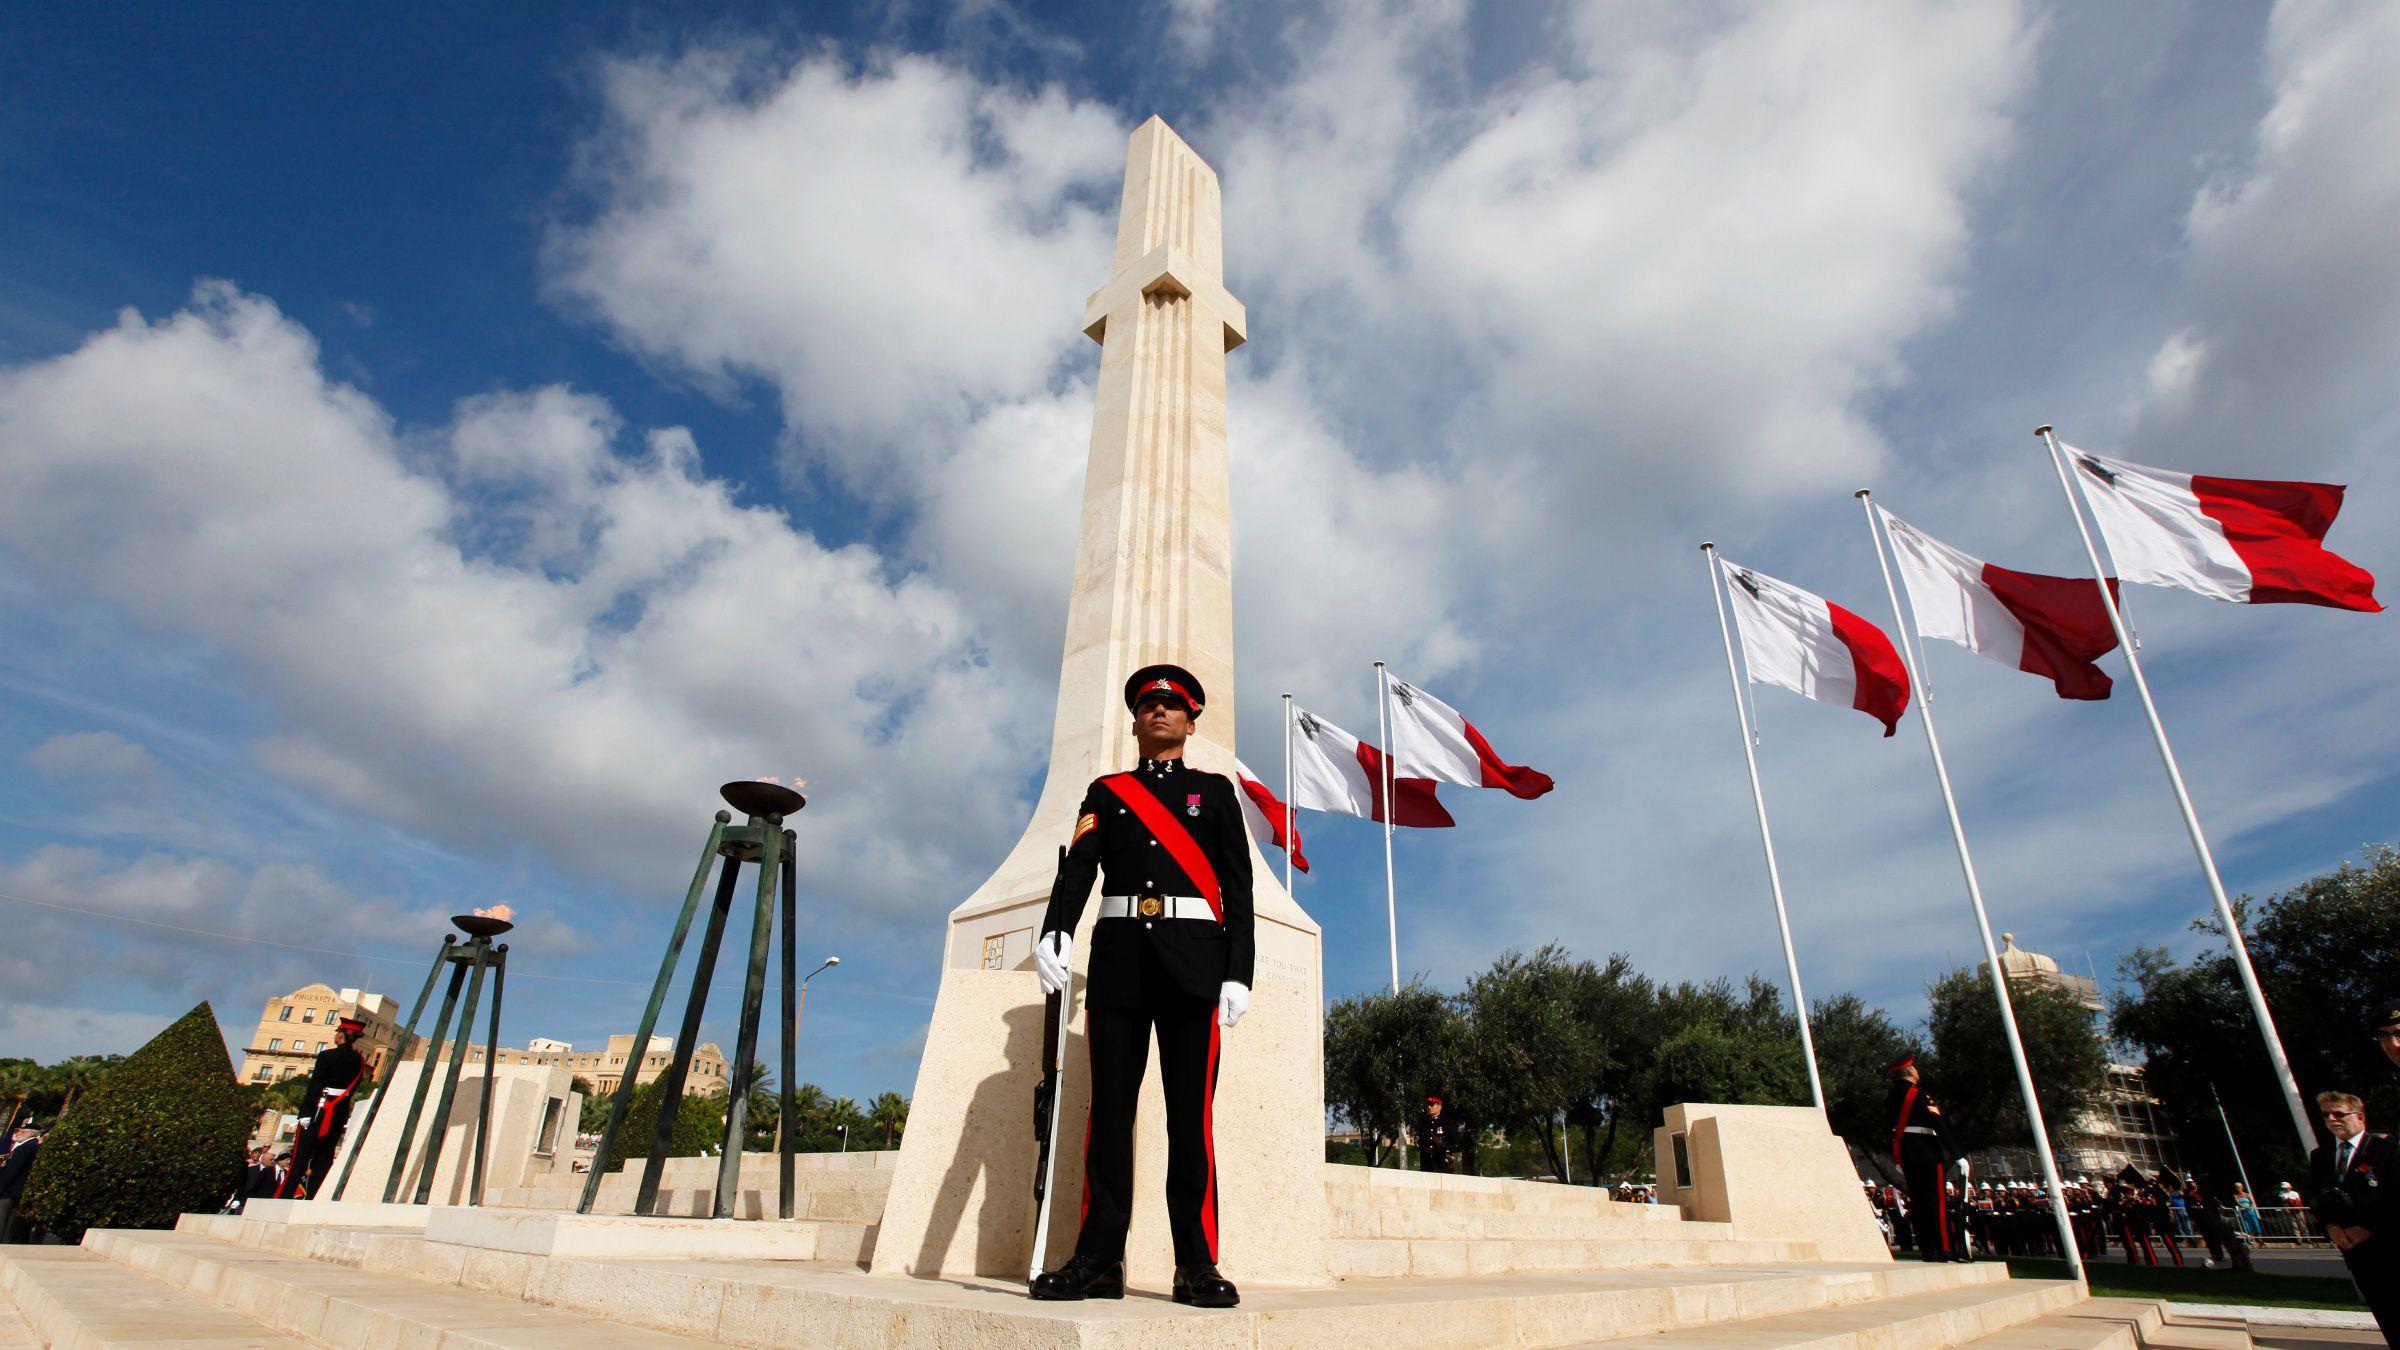 9. Pirmojo ir Antojo pasaulinių karo aukų memorialas Florianoje, netoli Valetos. Malta | Wikipedia.org nuotr.